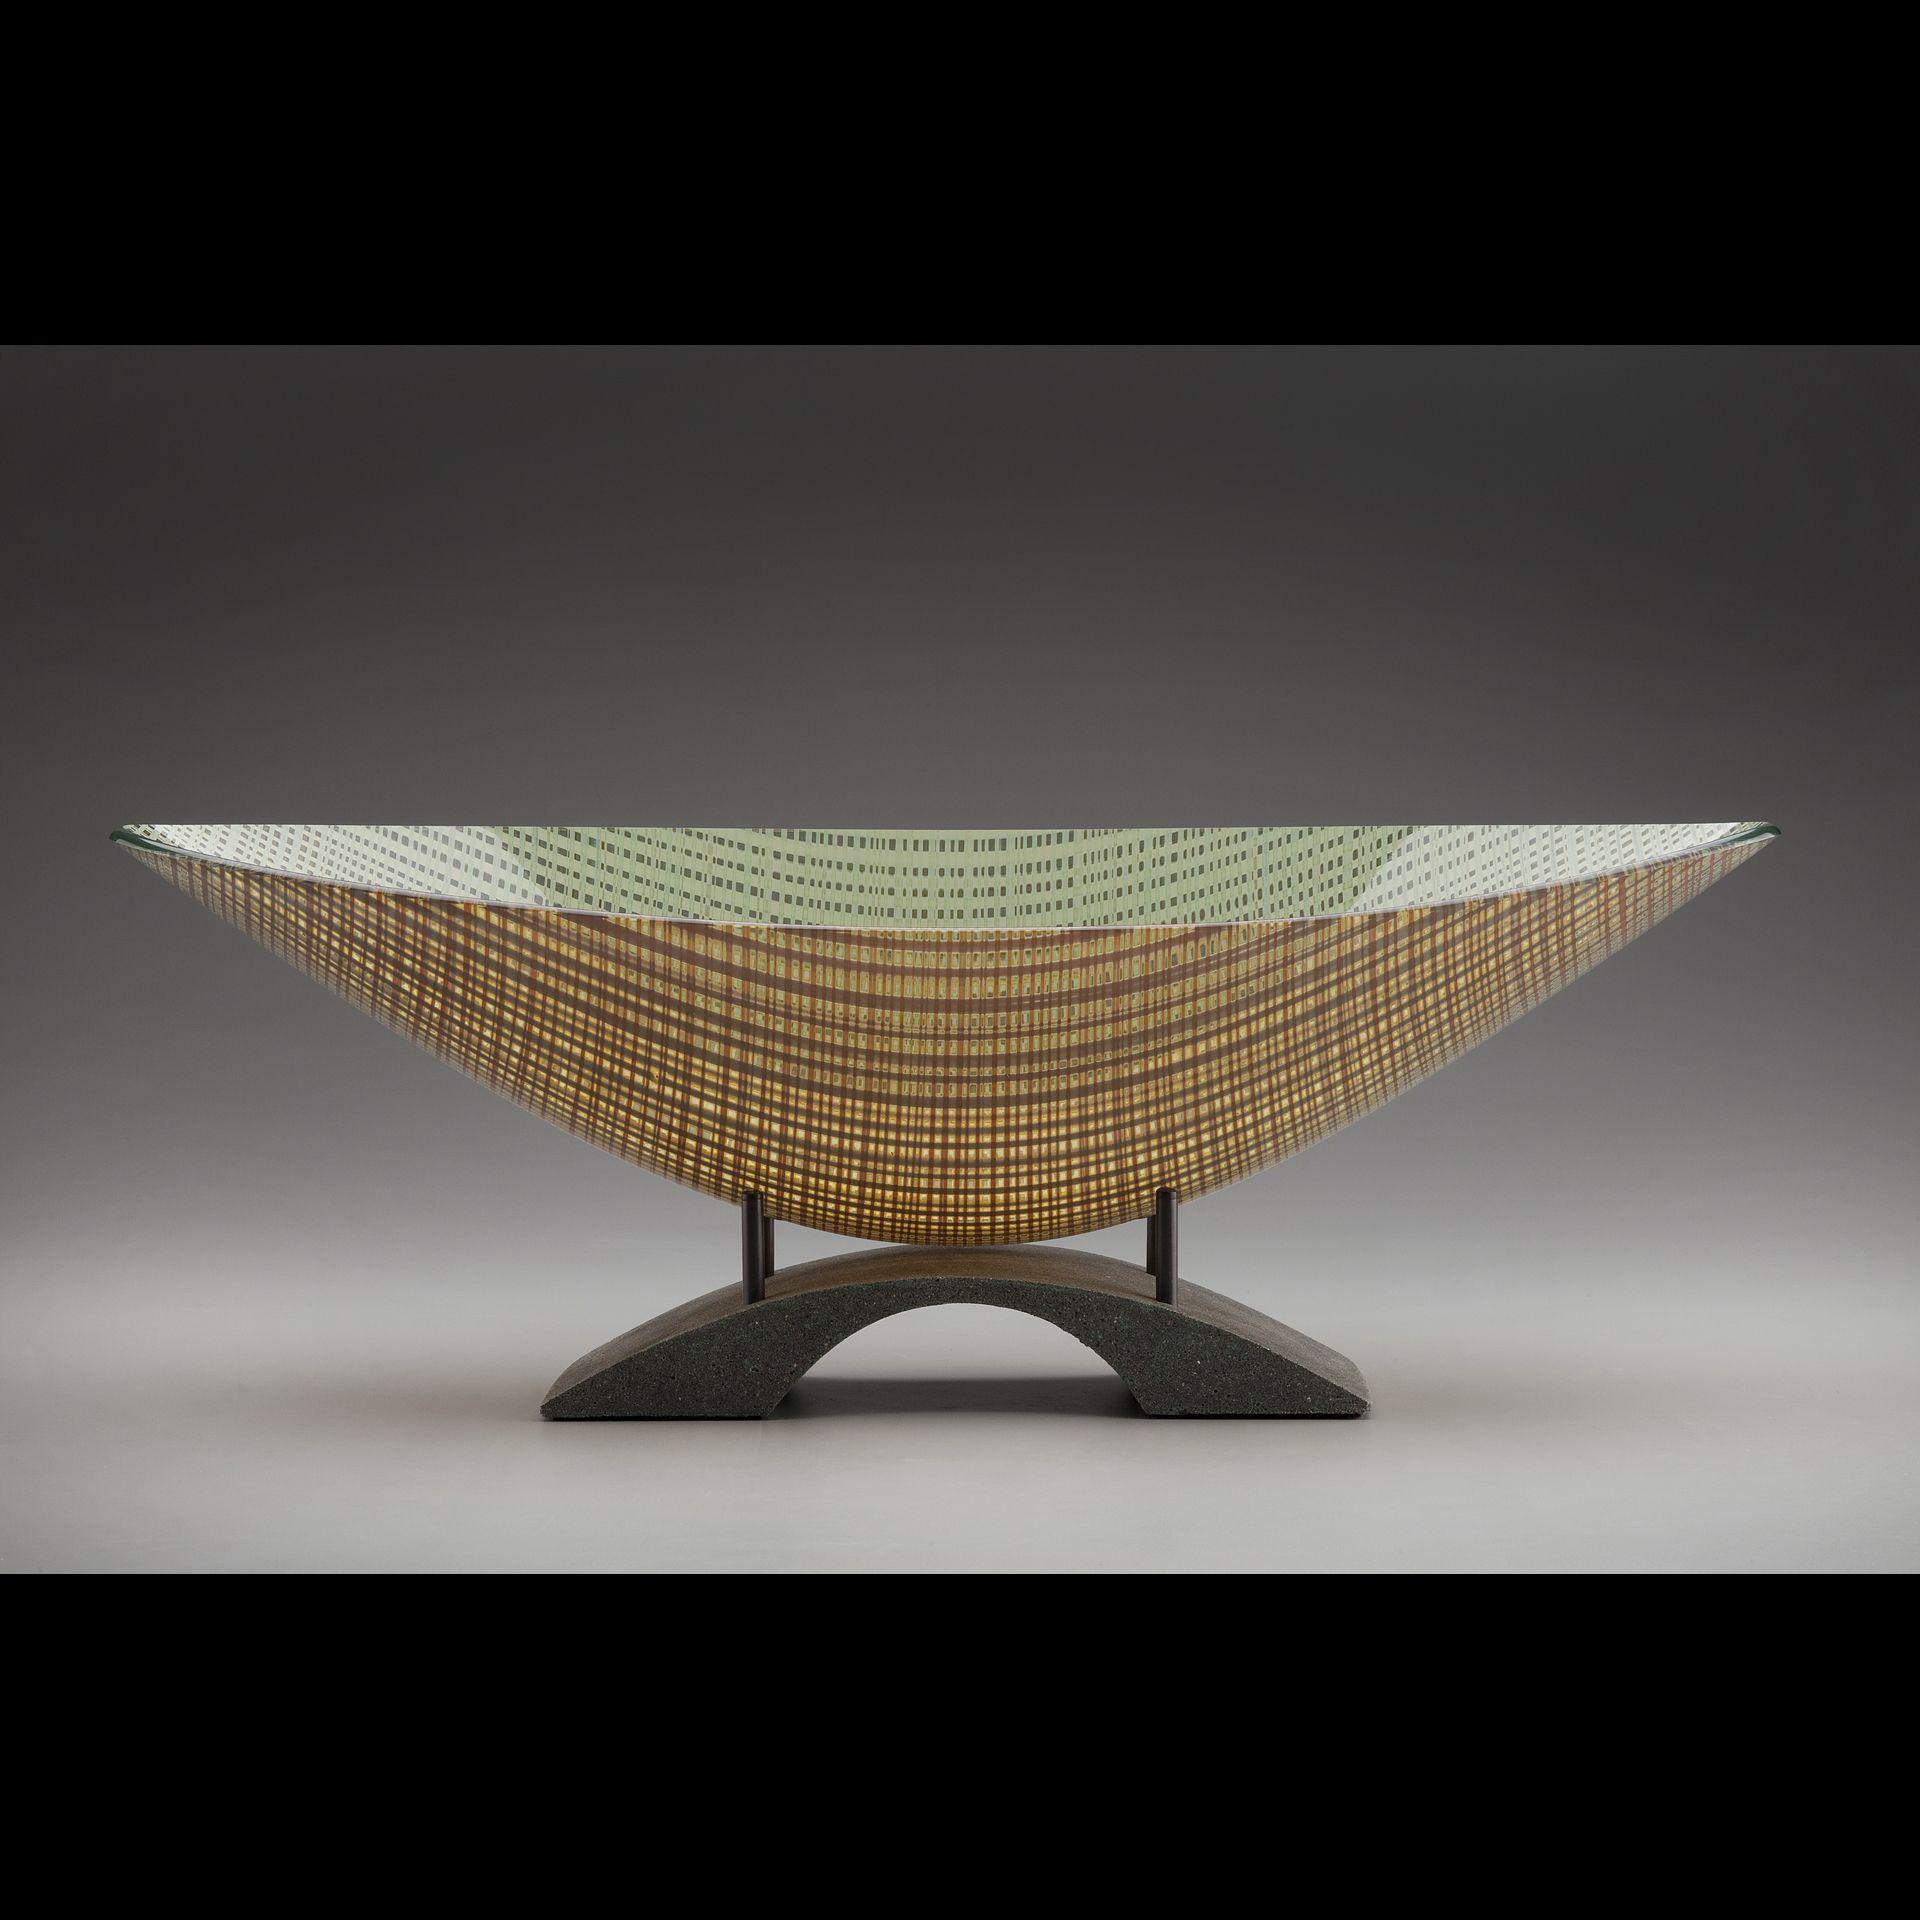 12+ Philadelphia museum of art contemporary craft show ideas